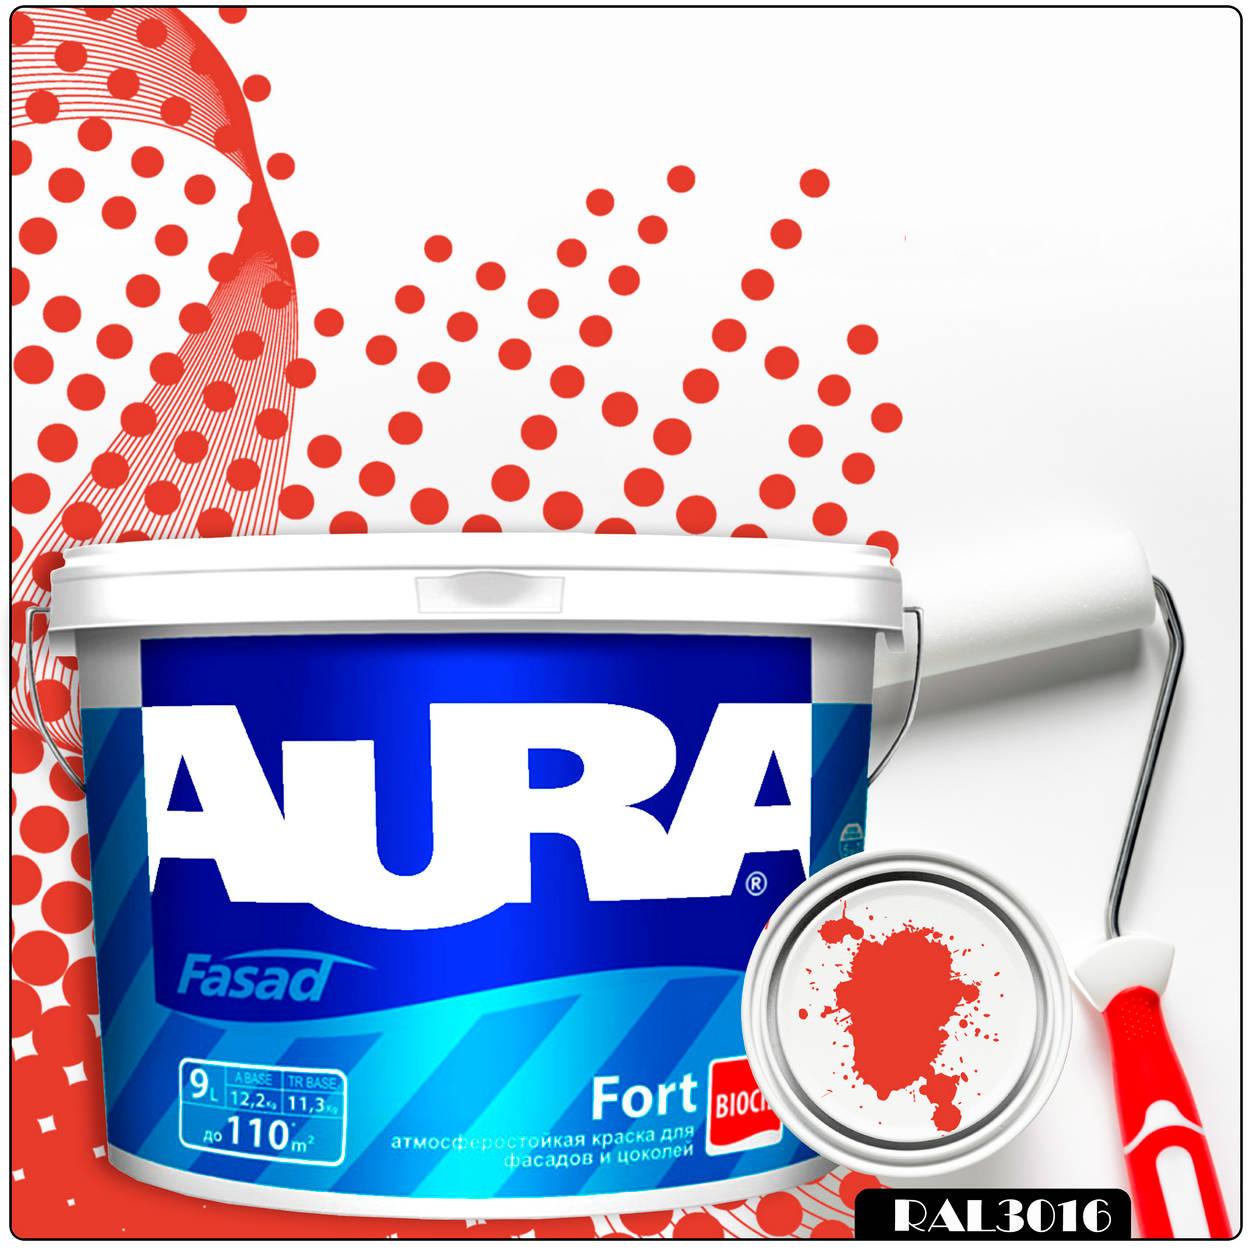 Фото 14 - Краска Aura Fasad Fort, RAL 3016 Кораллово-красный, латексная, матовая, для фасада и цоколей, 9л, Аура.